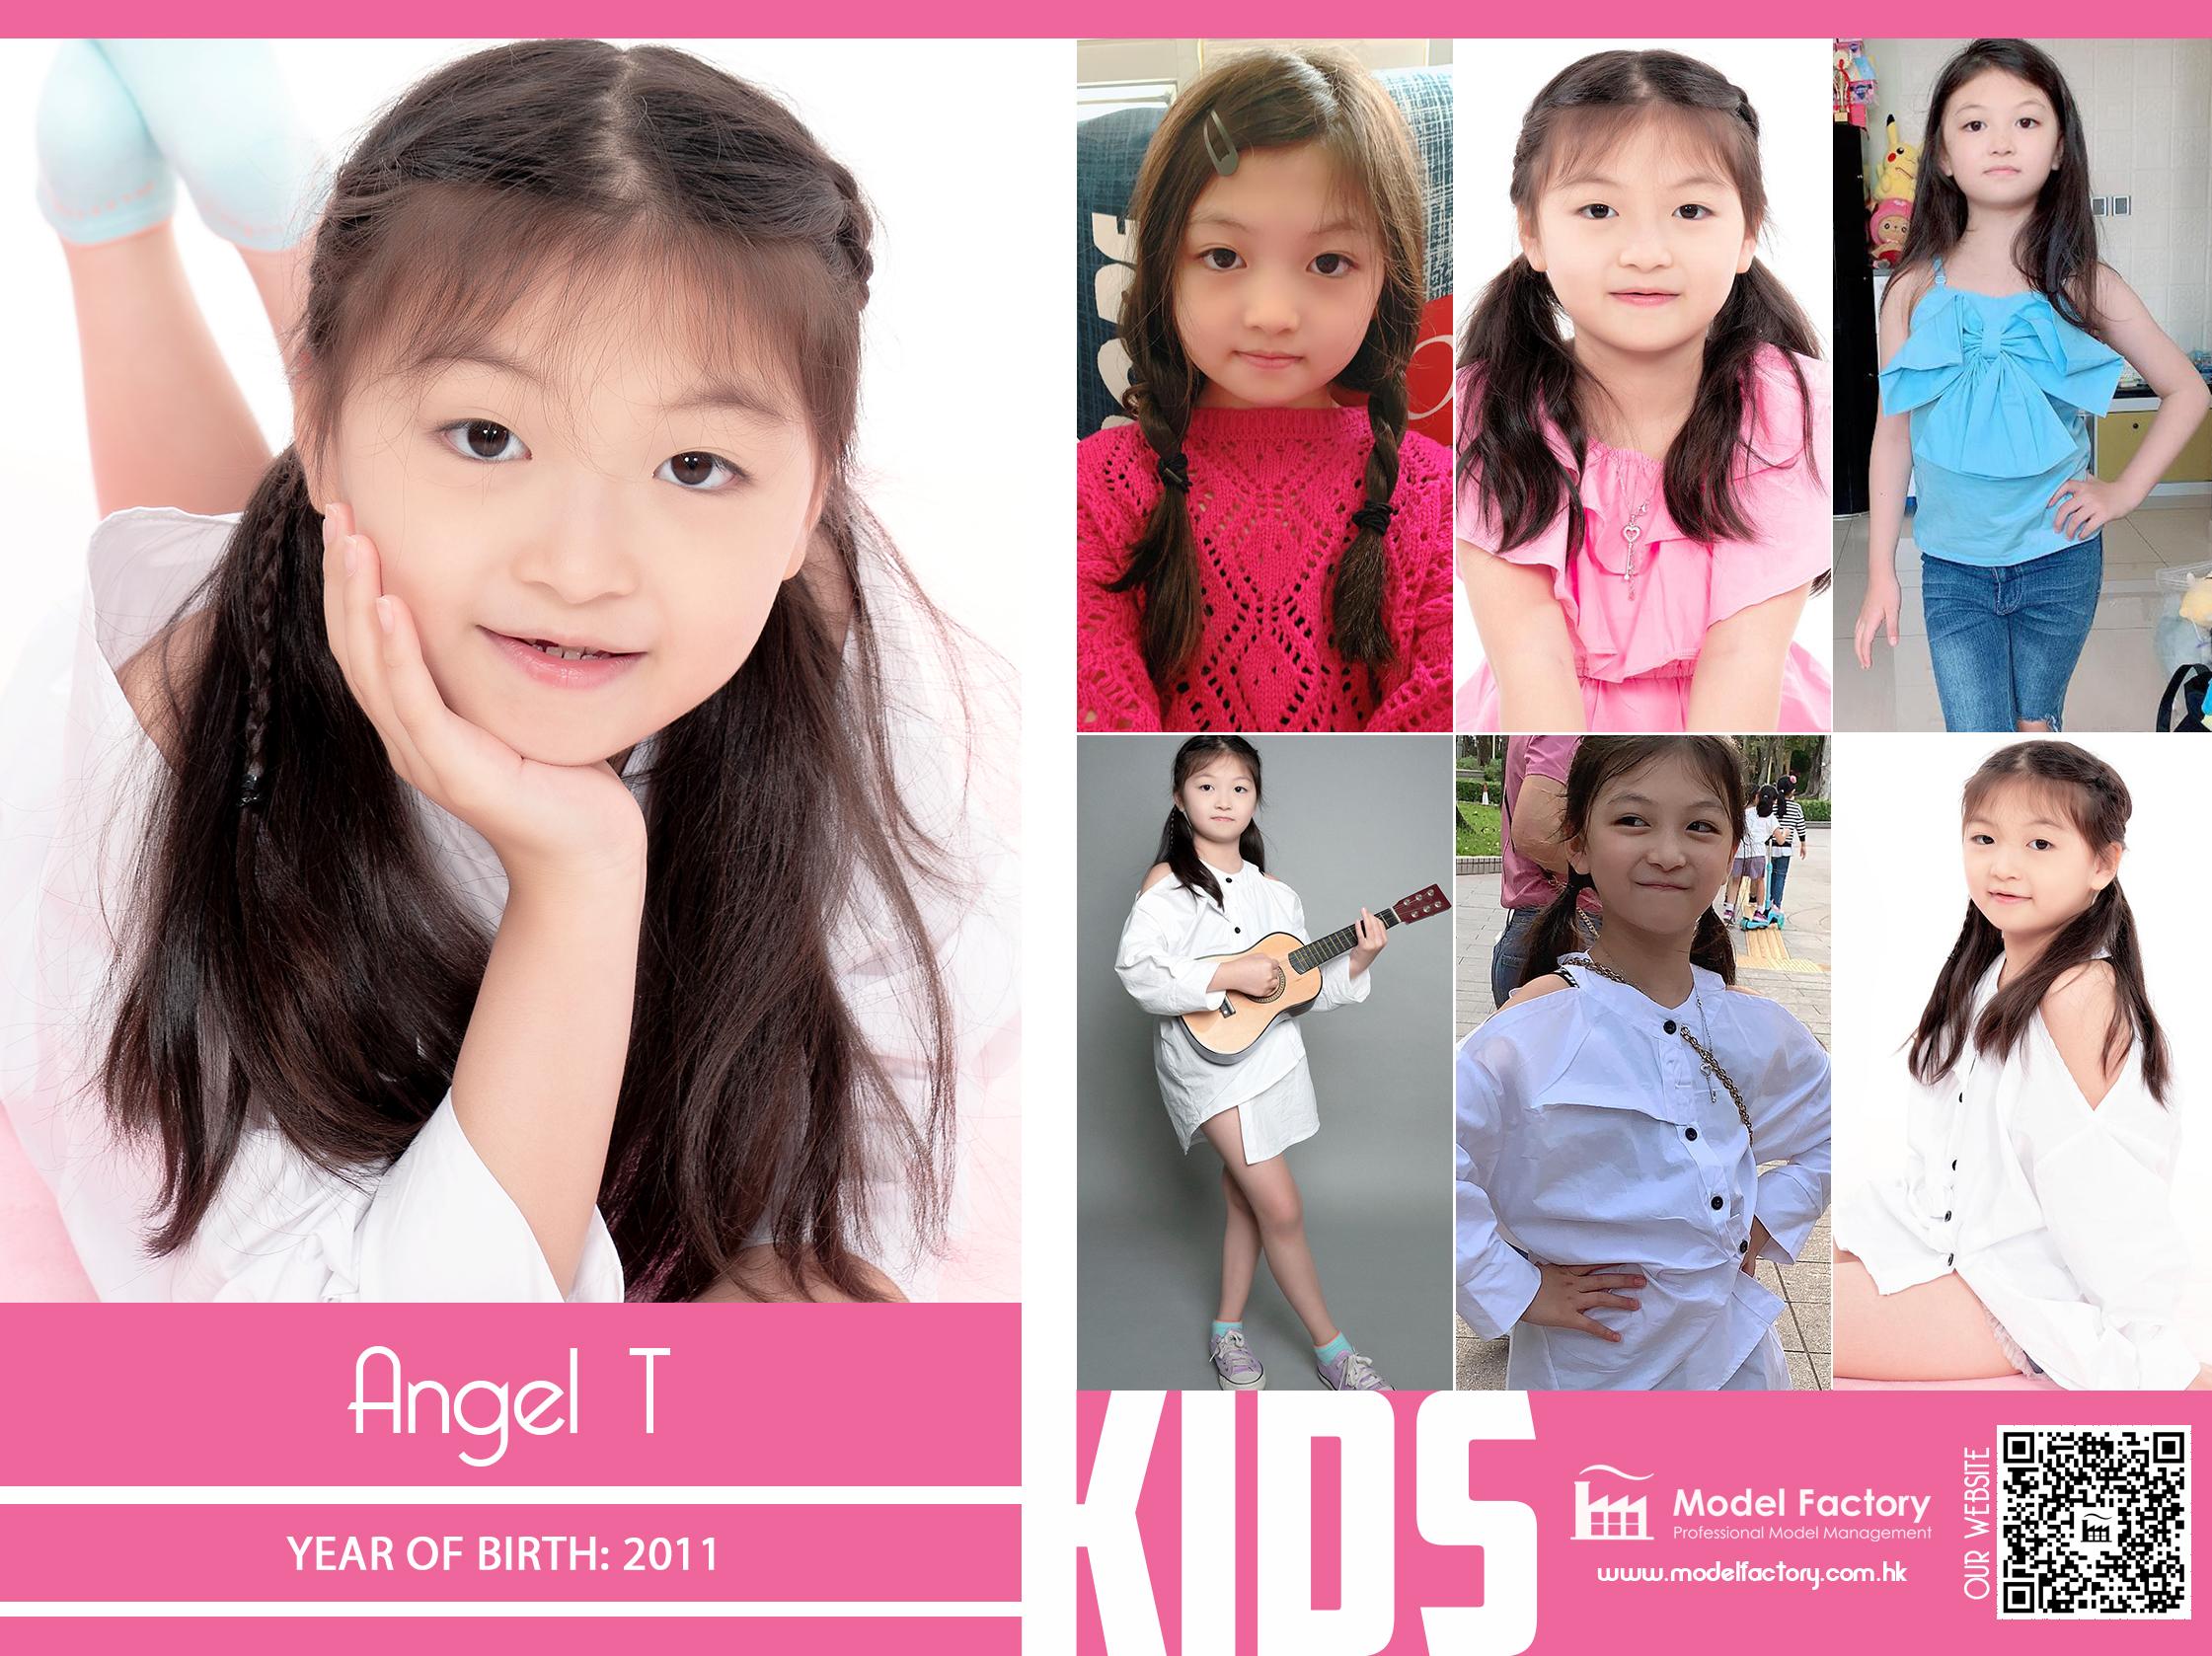 Model Factory Local Kids Model Angel T